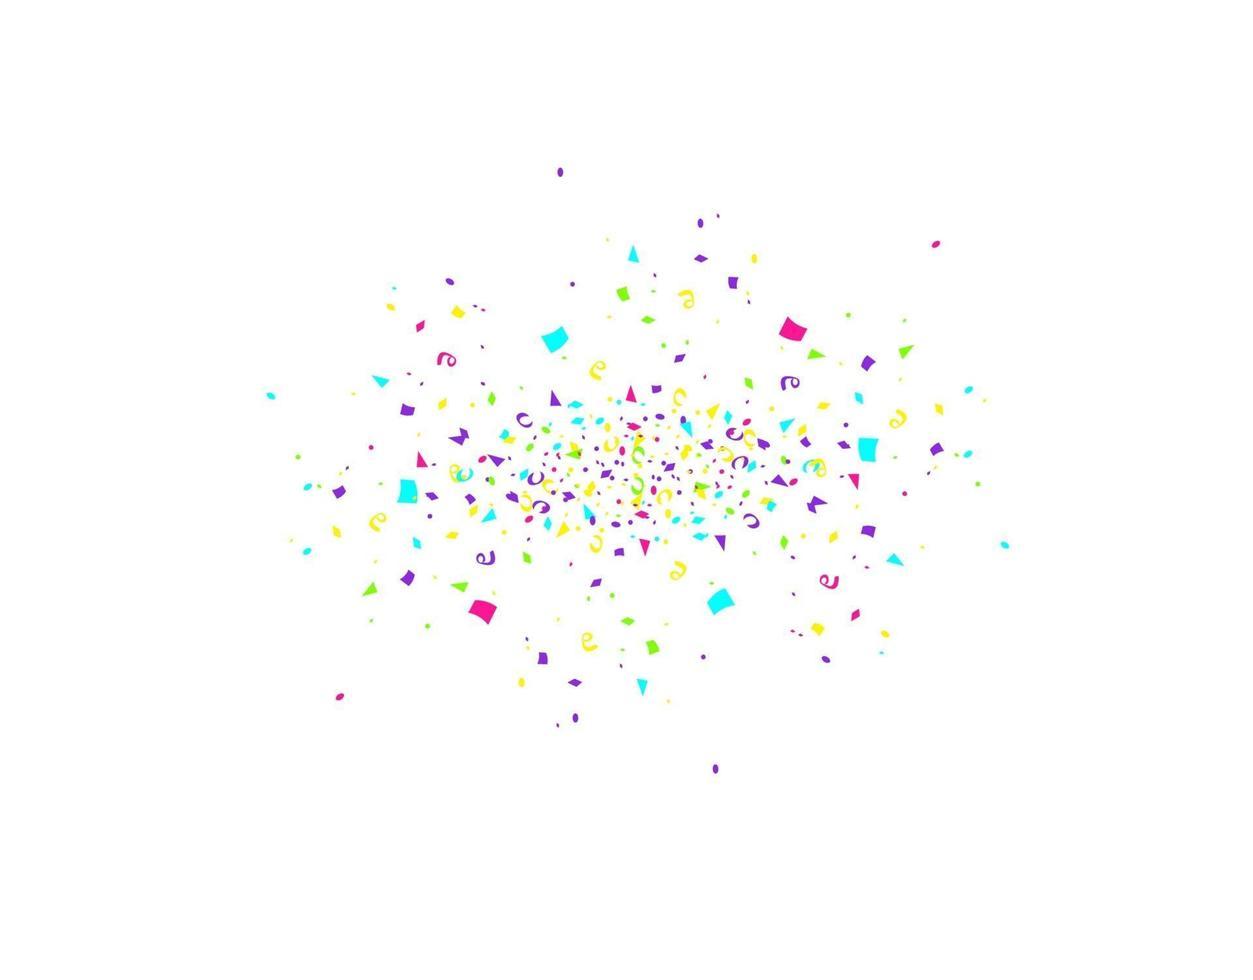 färgglada konfetti burst isolerad på vit bakgrund. festlig mall. vektorillustration av fallande partiklar för semesterdesign vektor